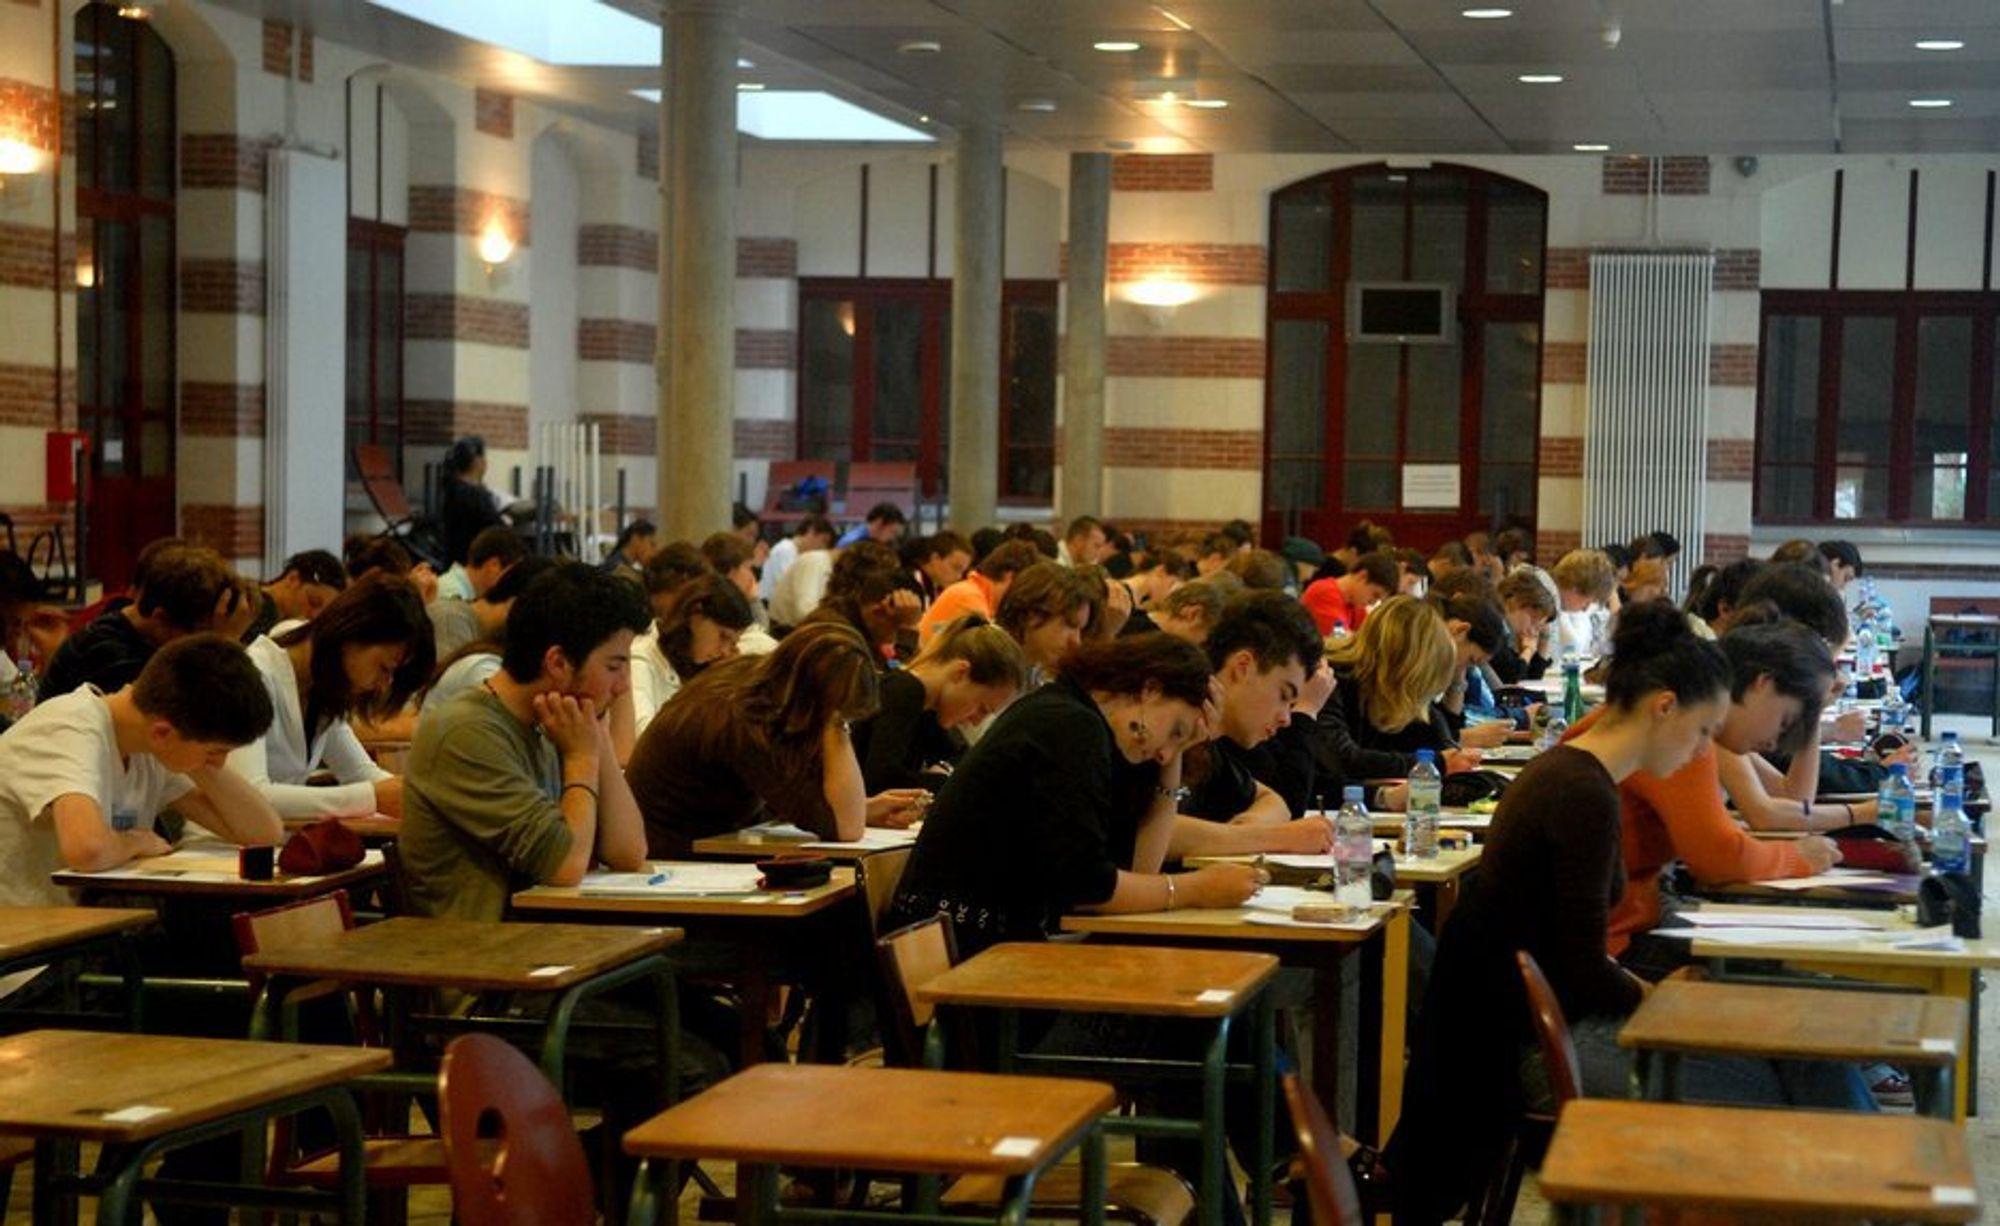 BRANNFAKKEL: Fører Kvalitetsreformen til svakere studenter?